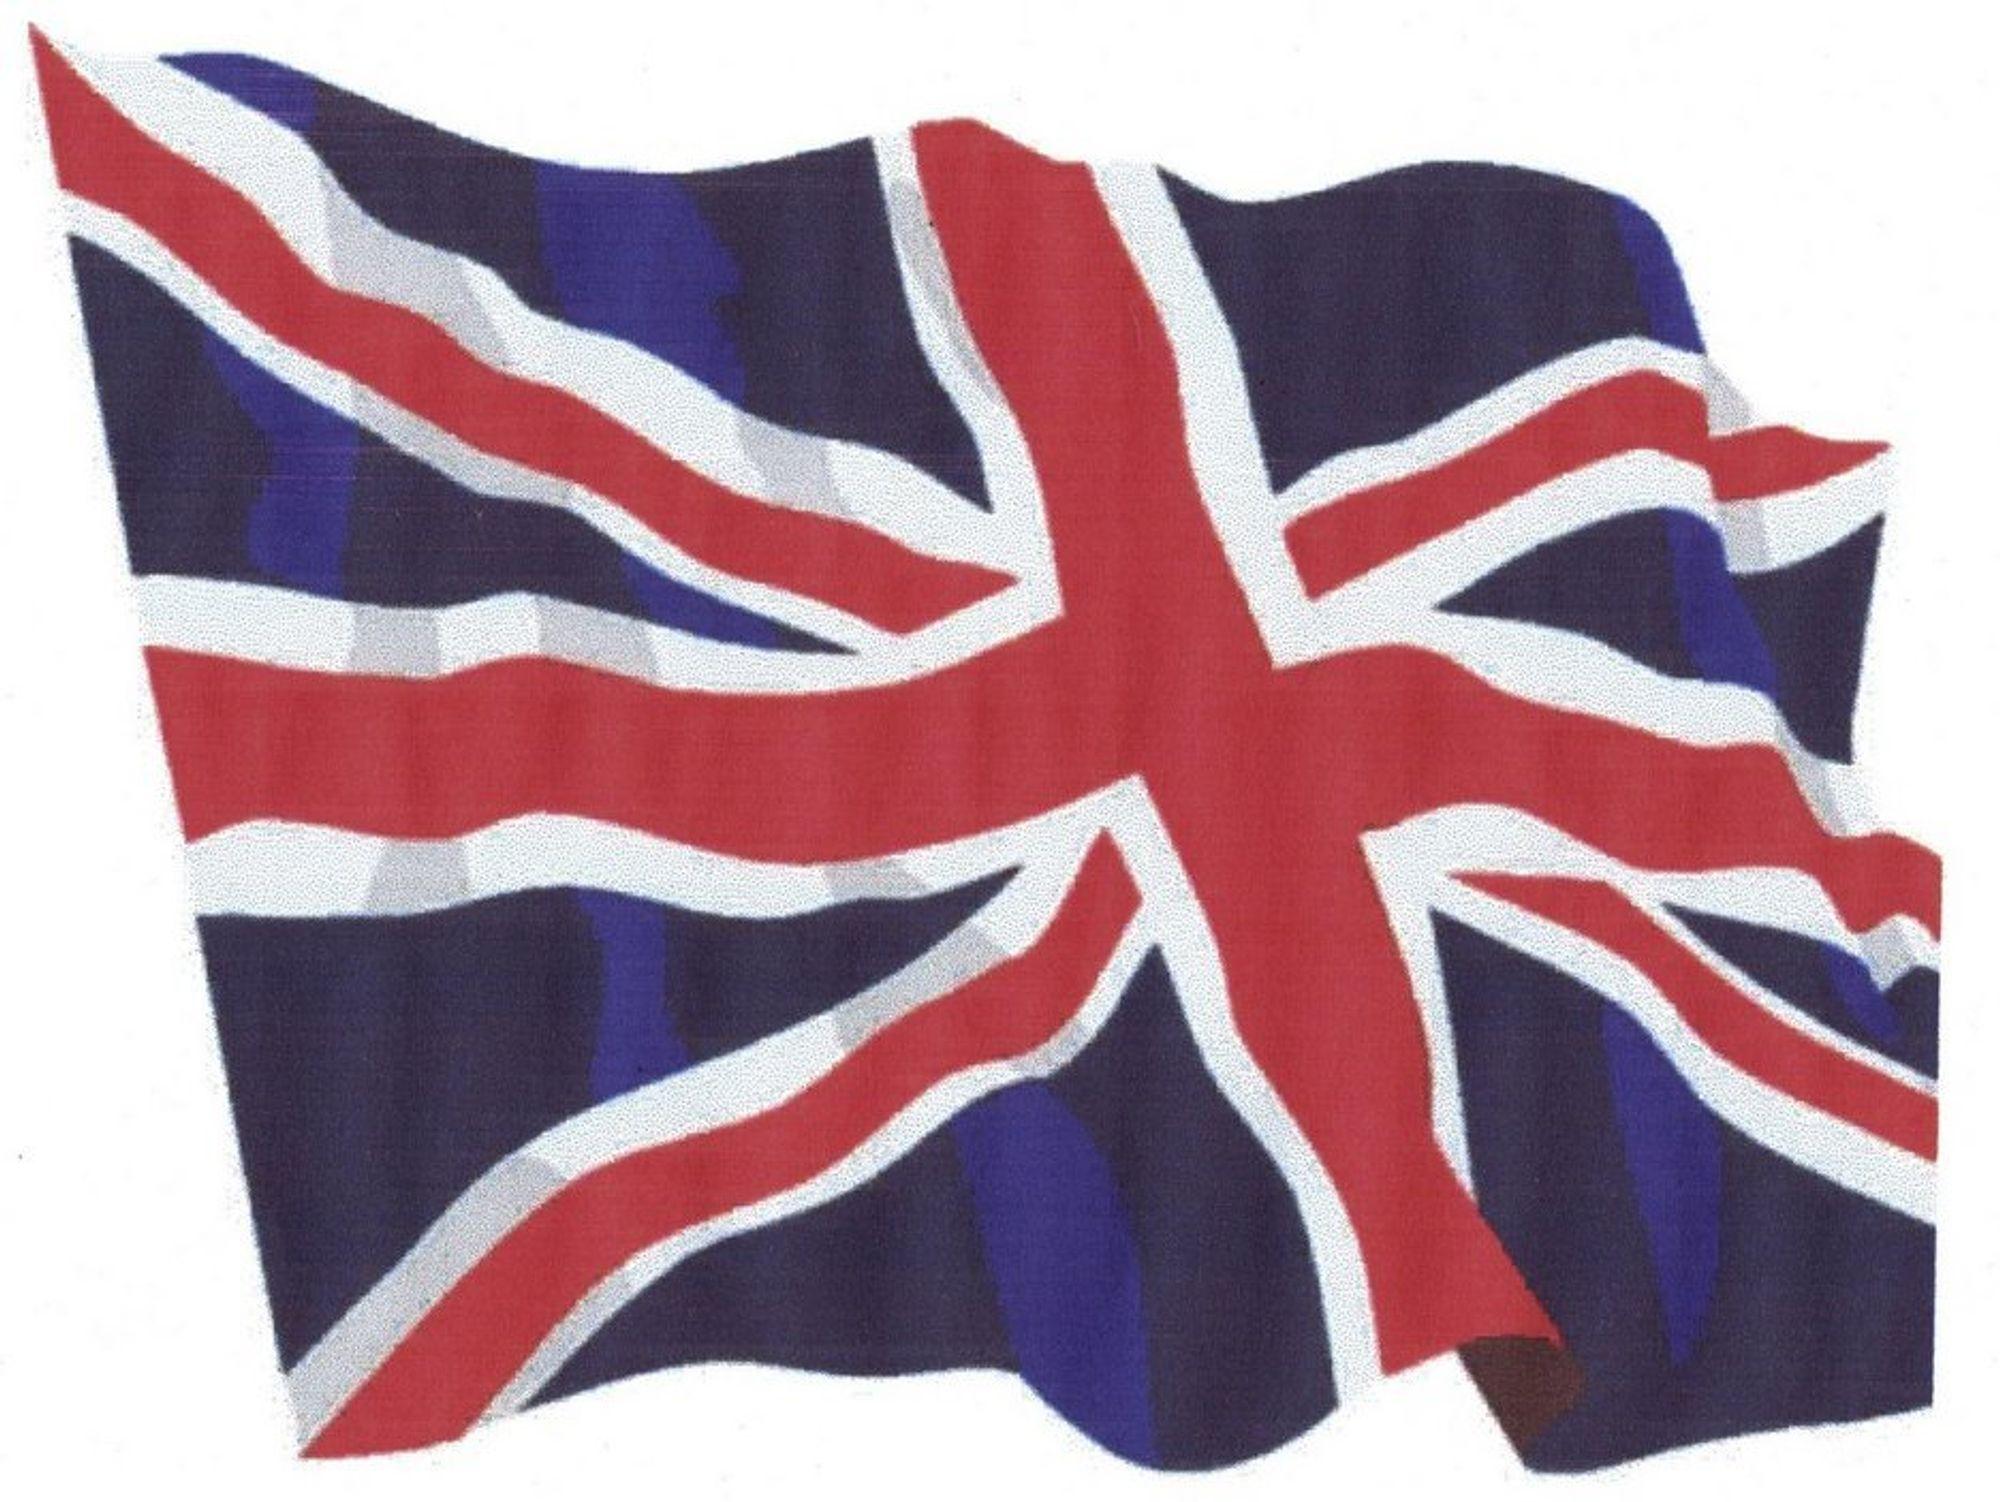 Det britiske flagget.